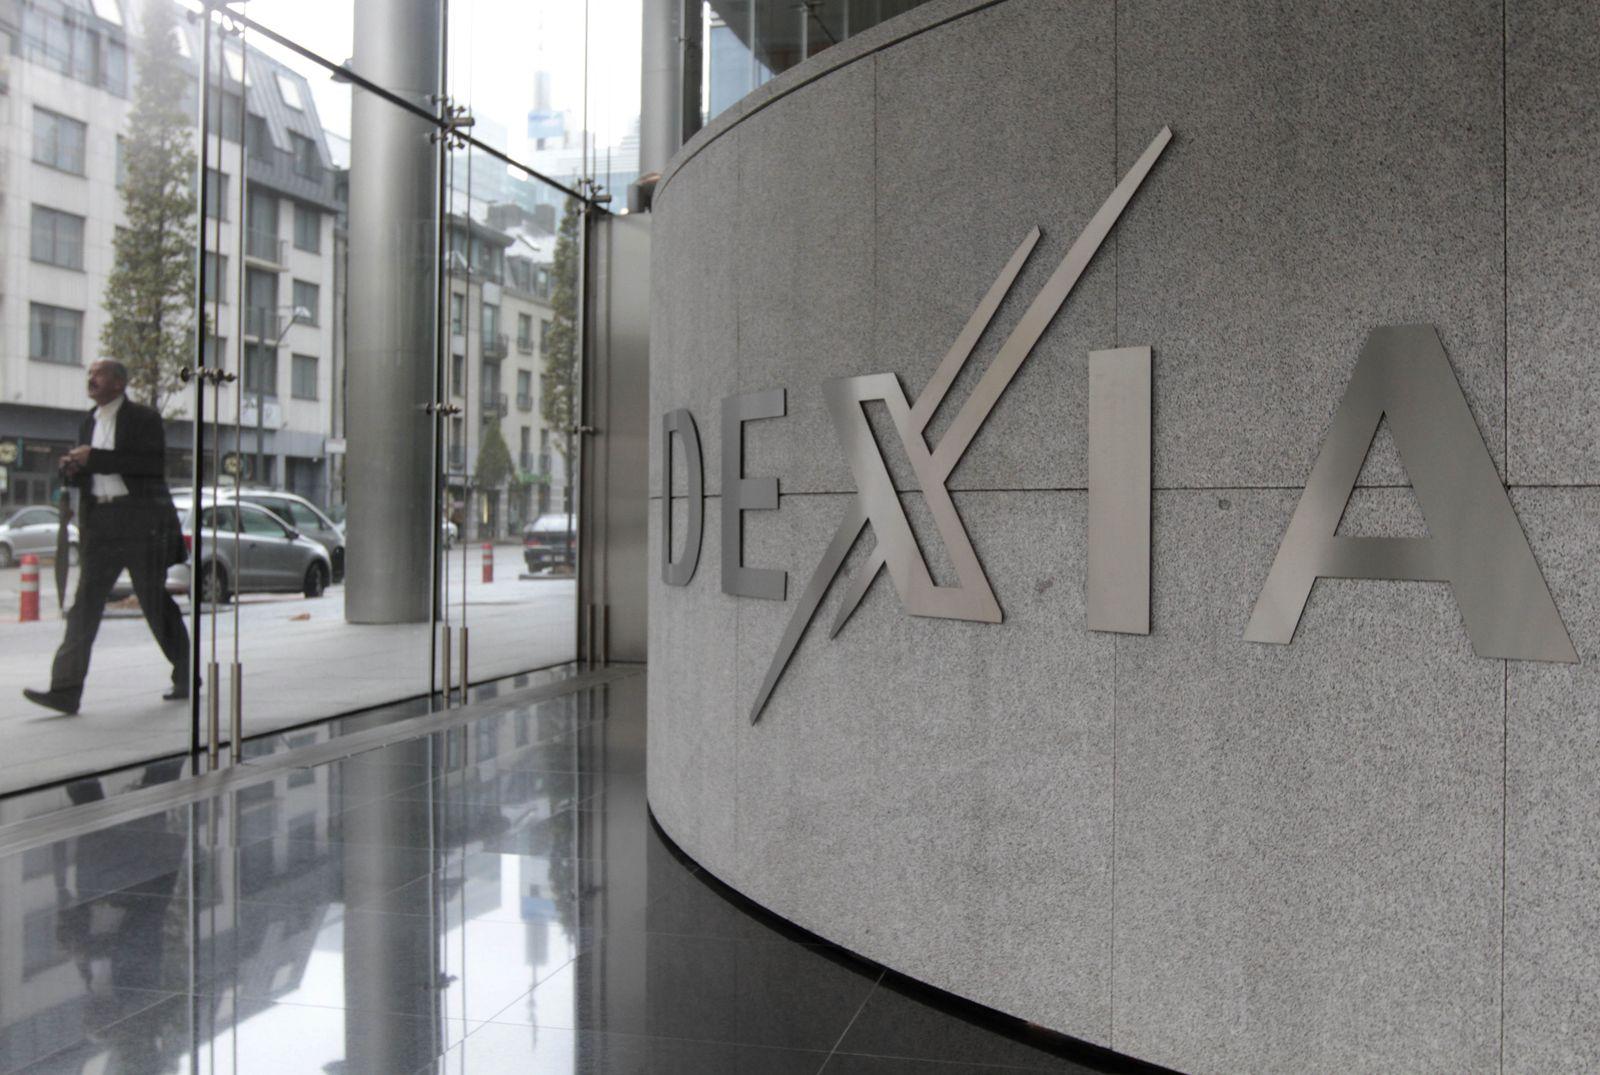 Belgium Dexia